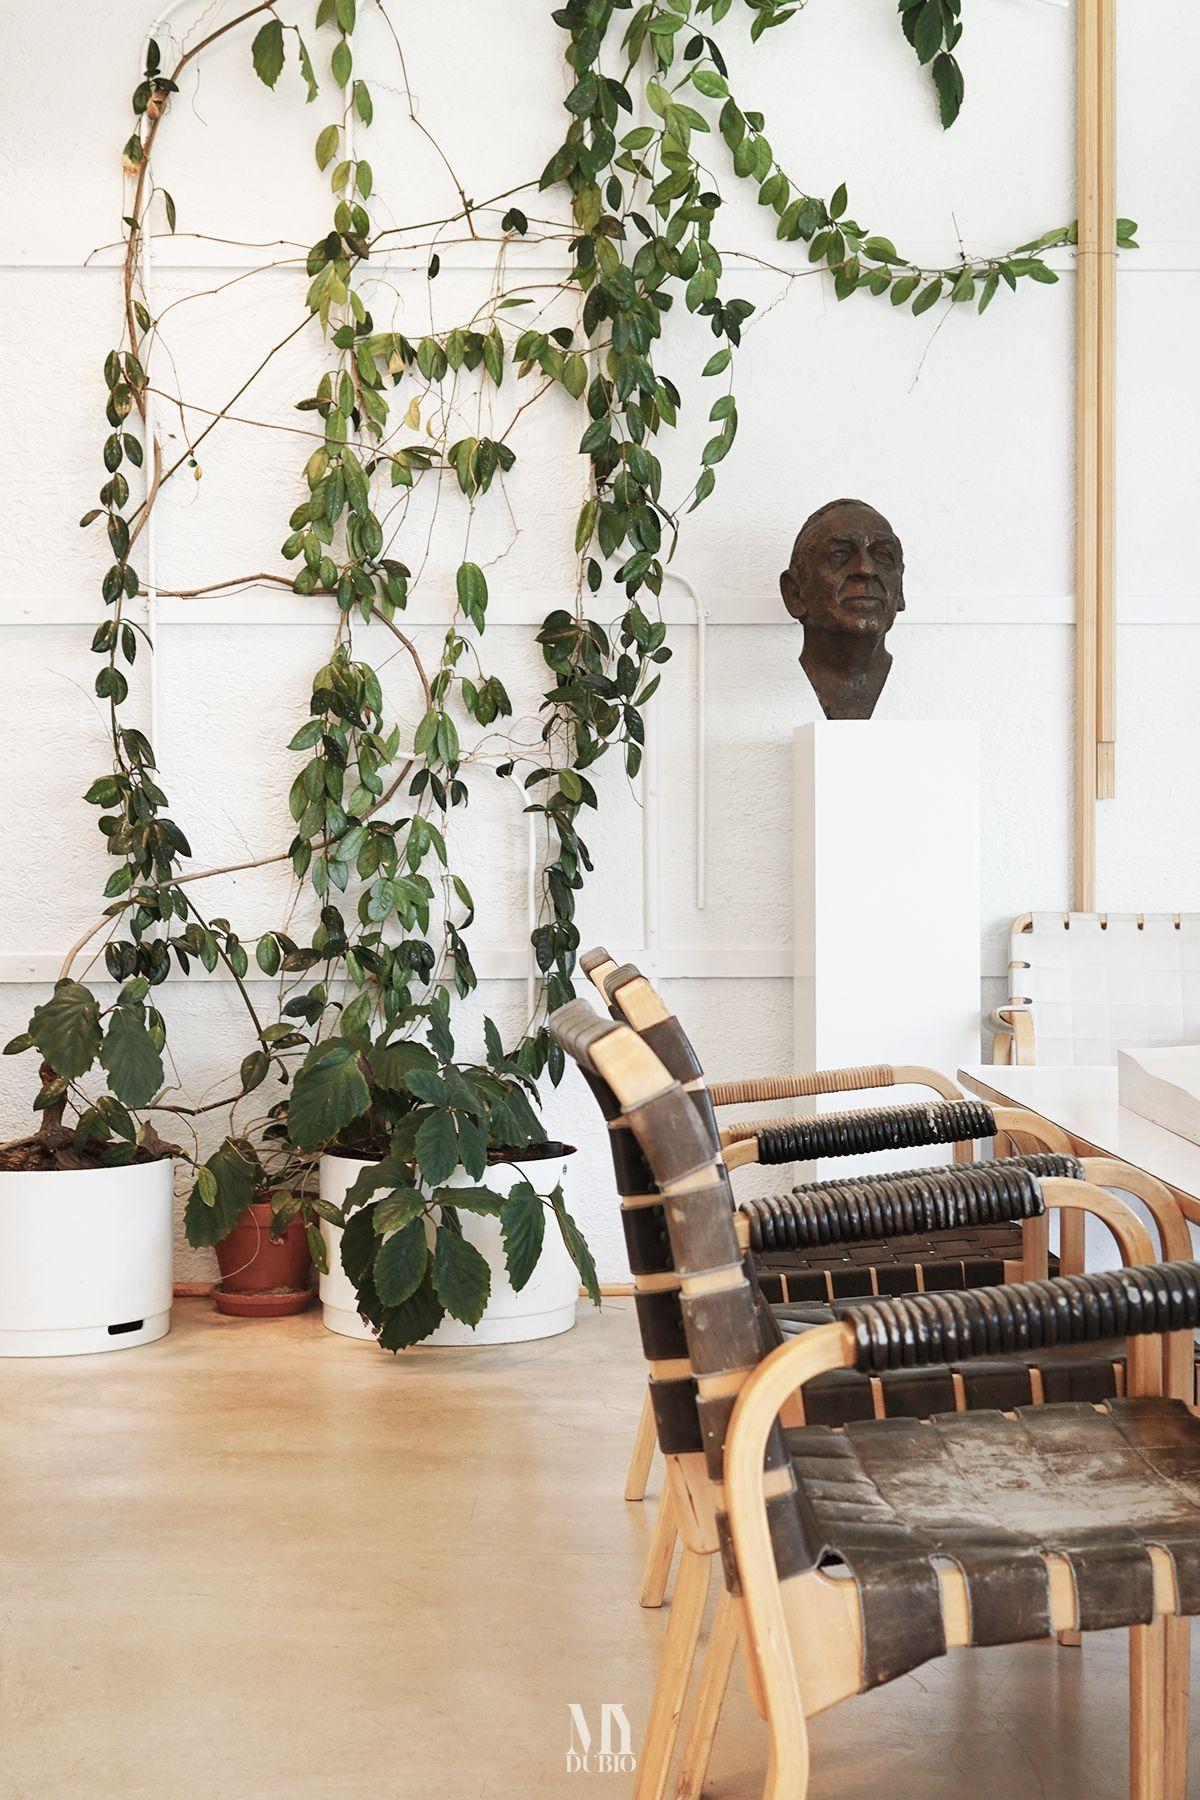 Alvar Aalto Studio & 7 fun facts   MyDubio   Alvar aalto ...